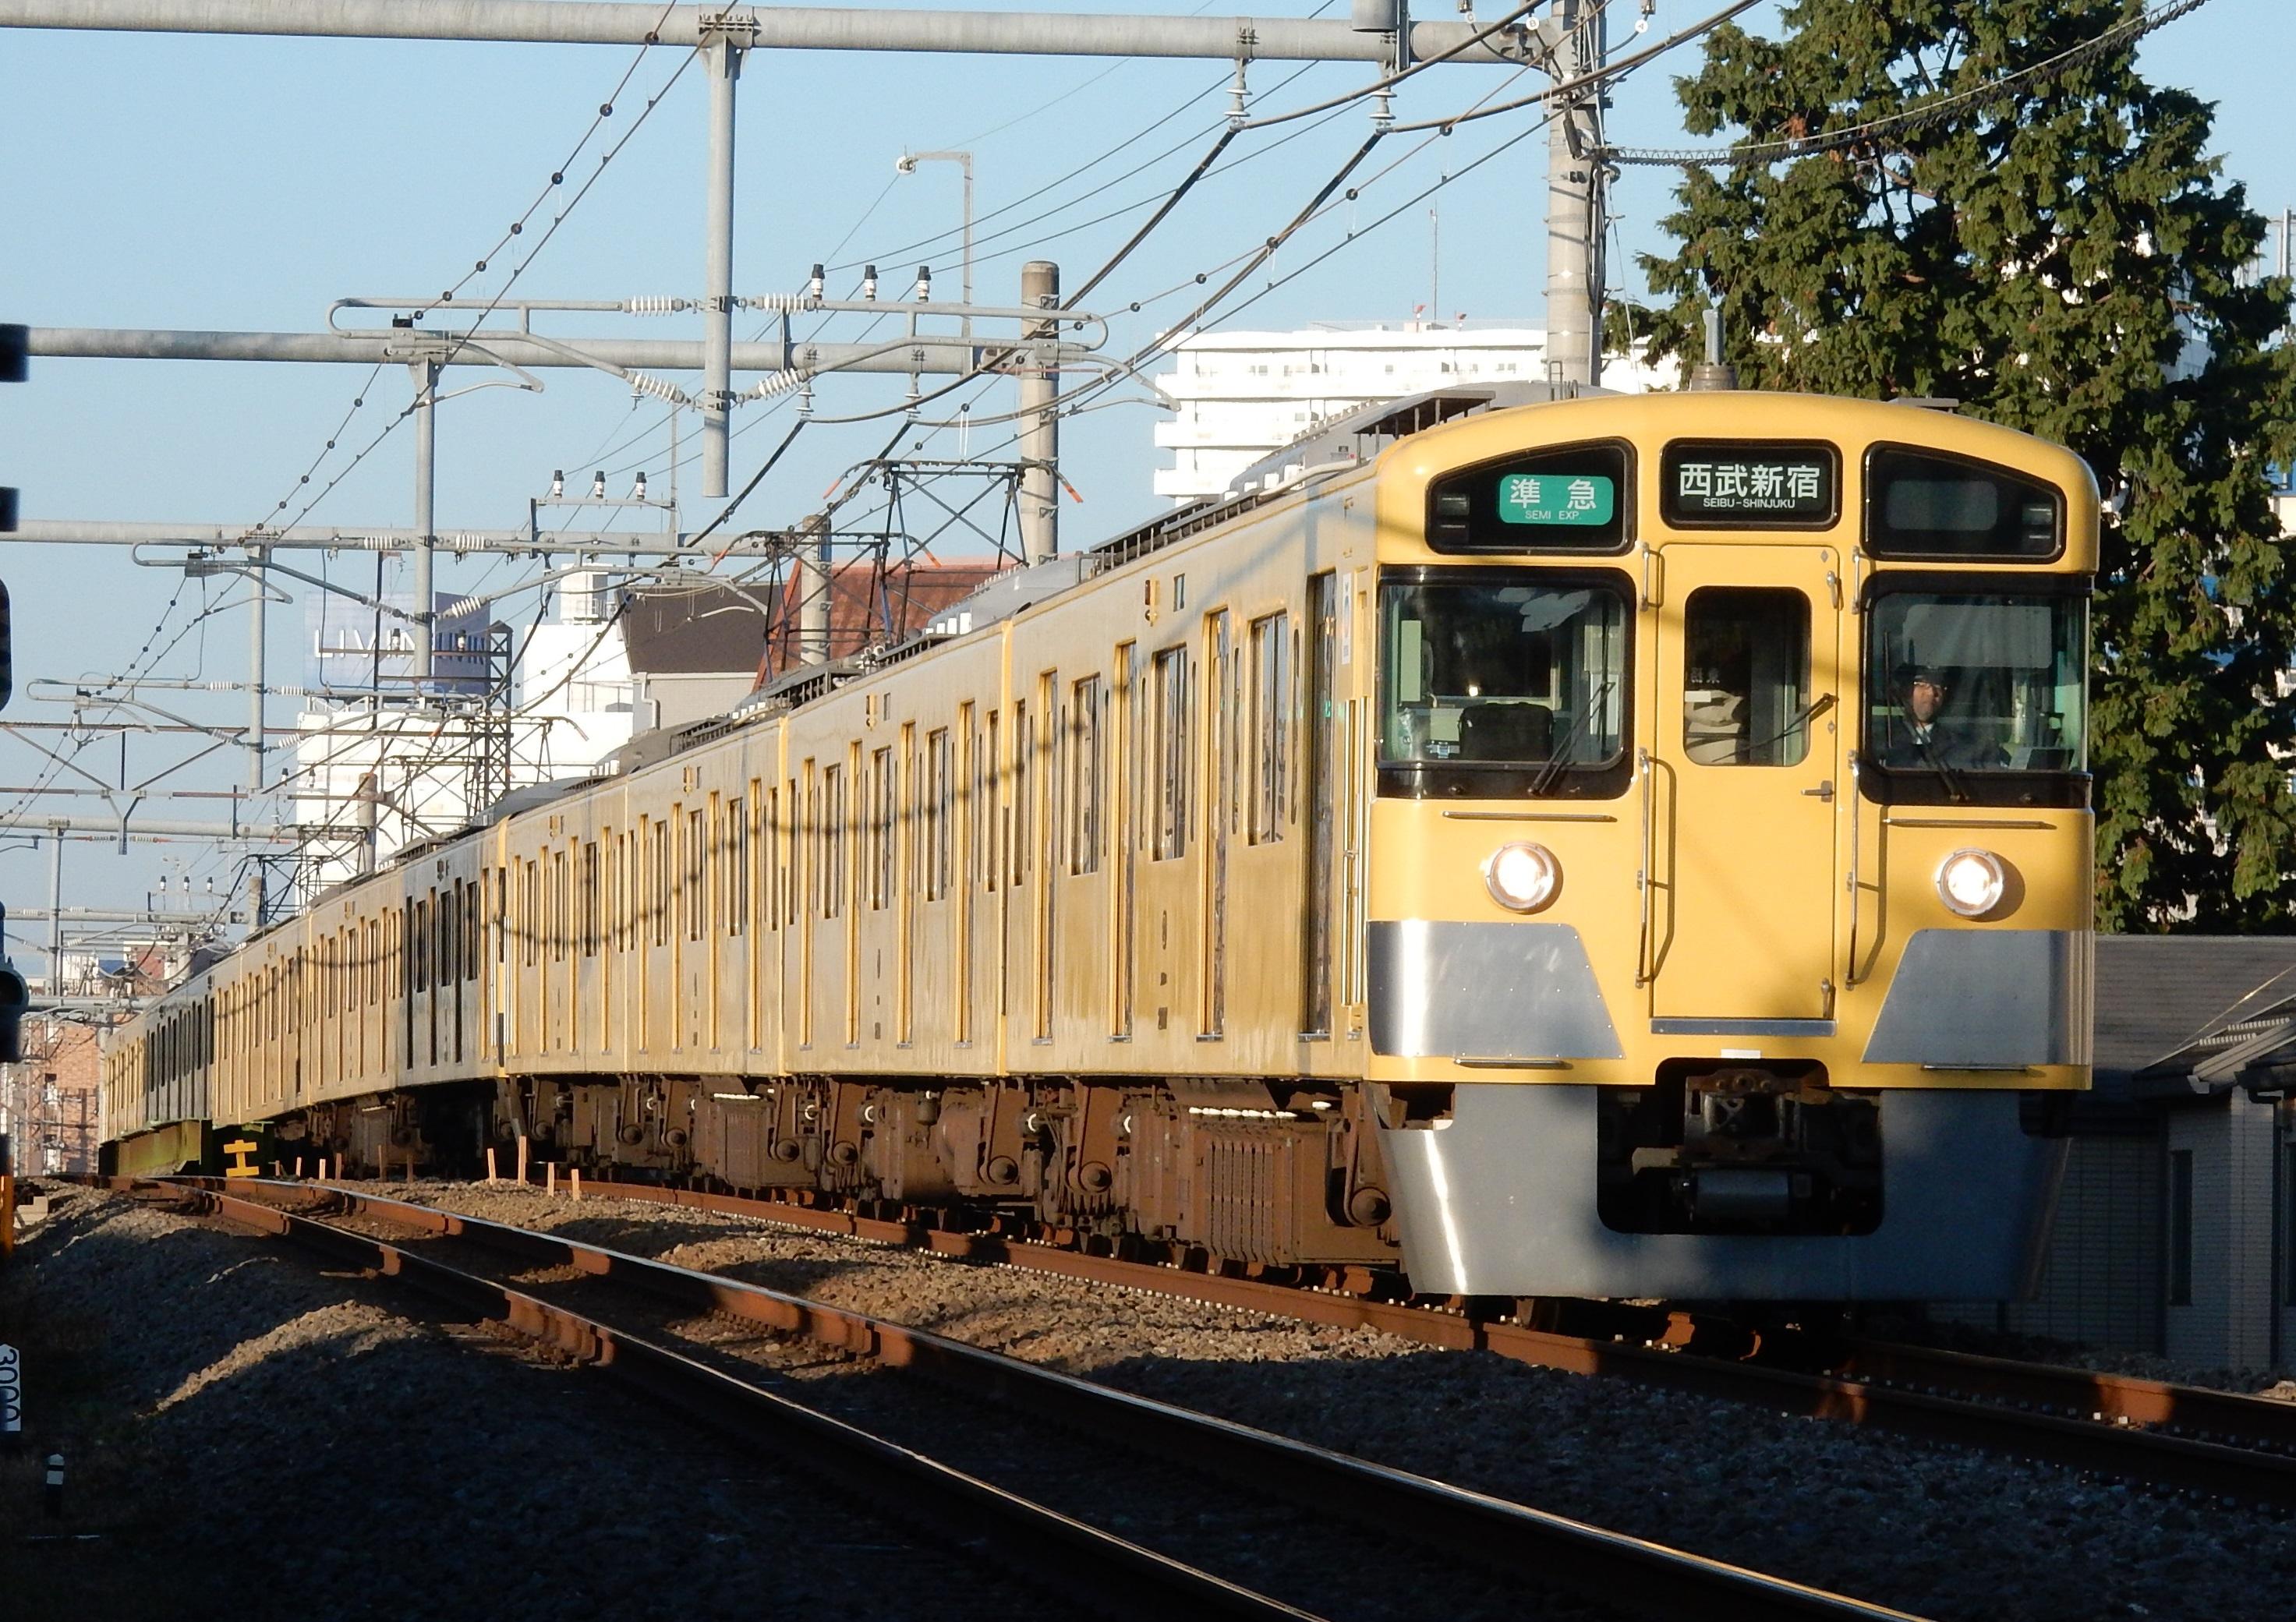 DSCN9544.jpg